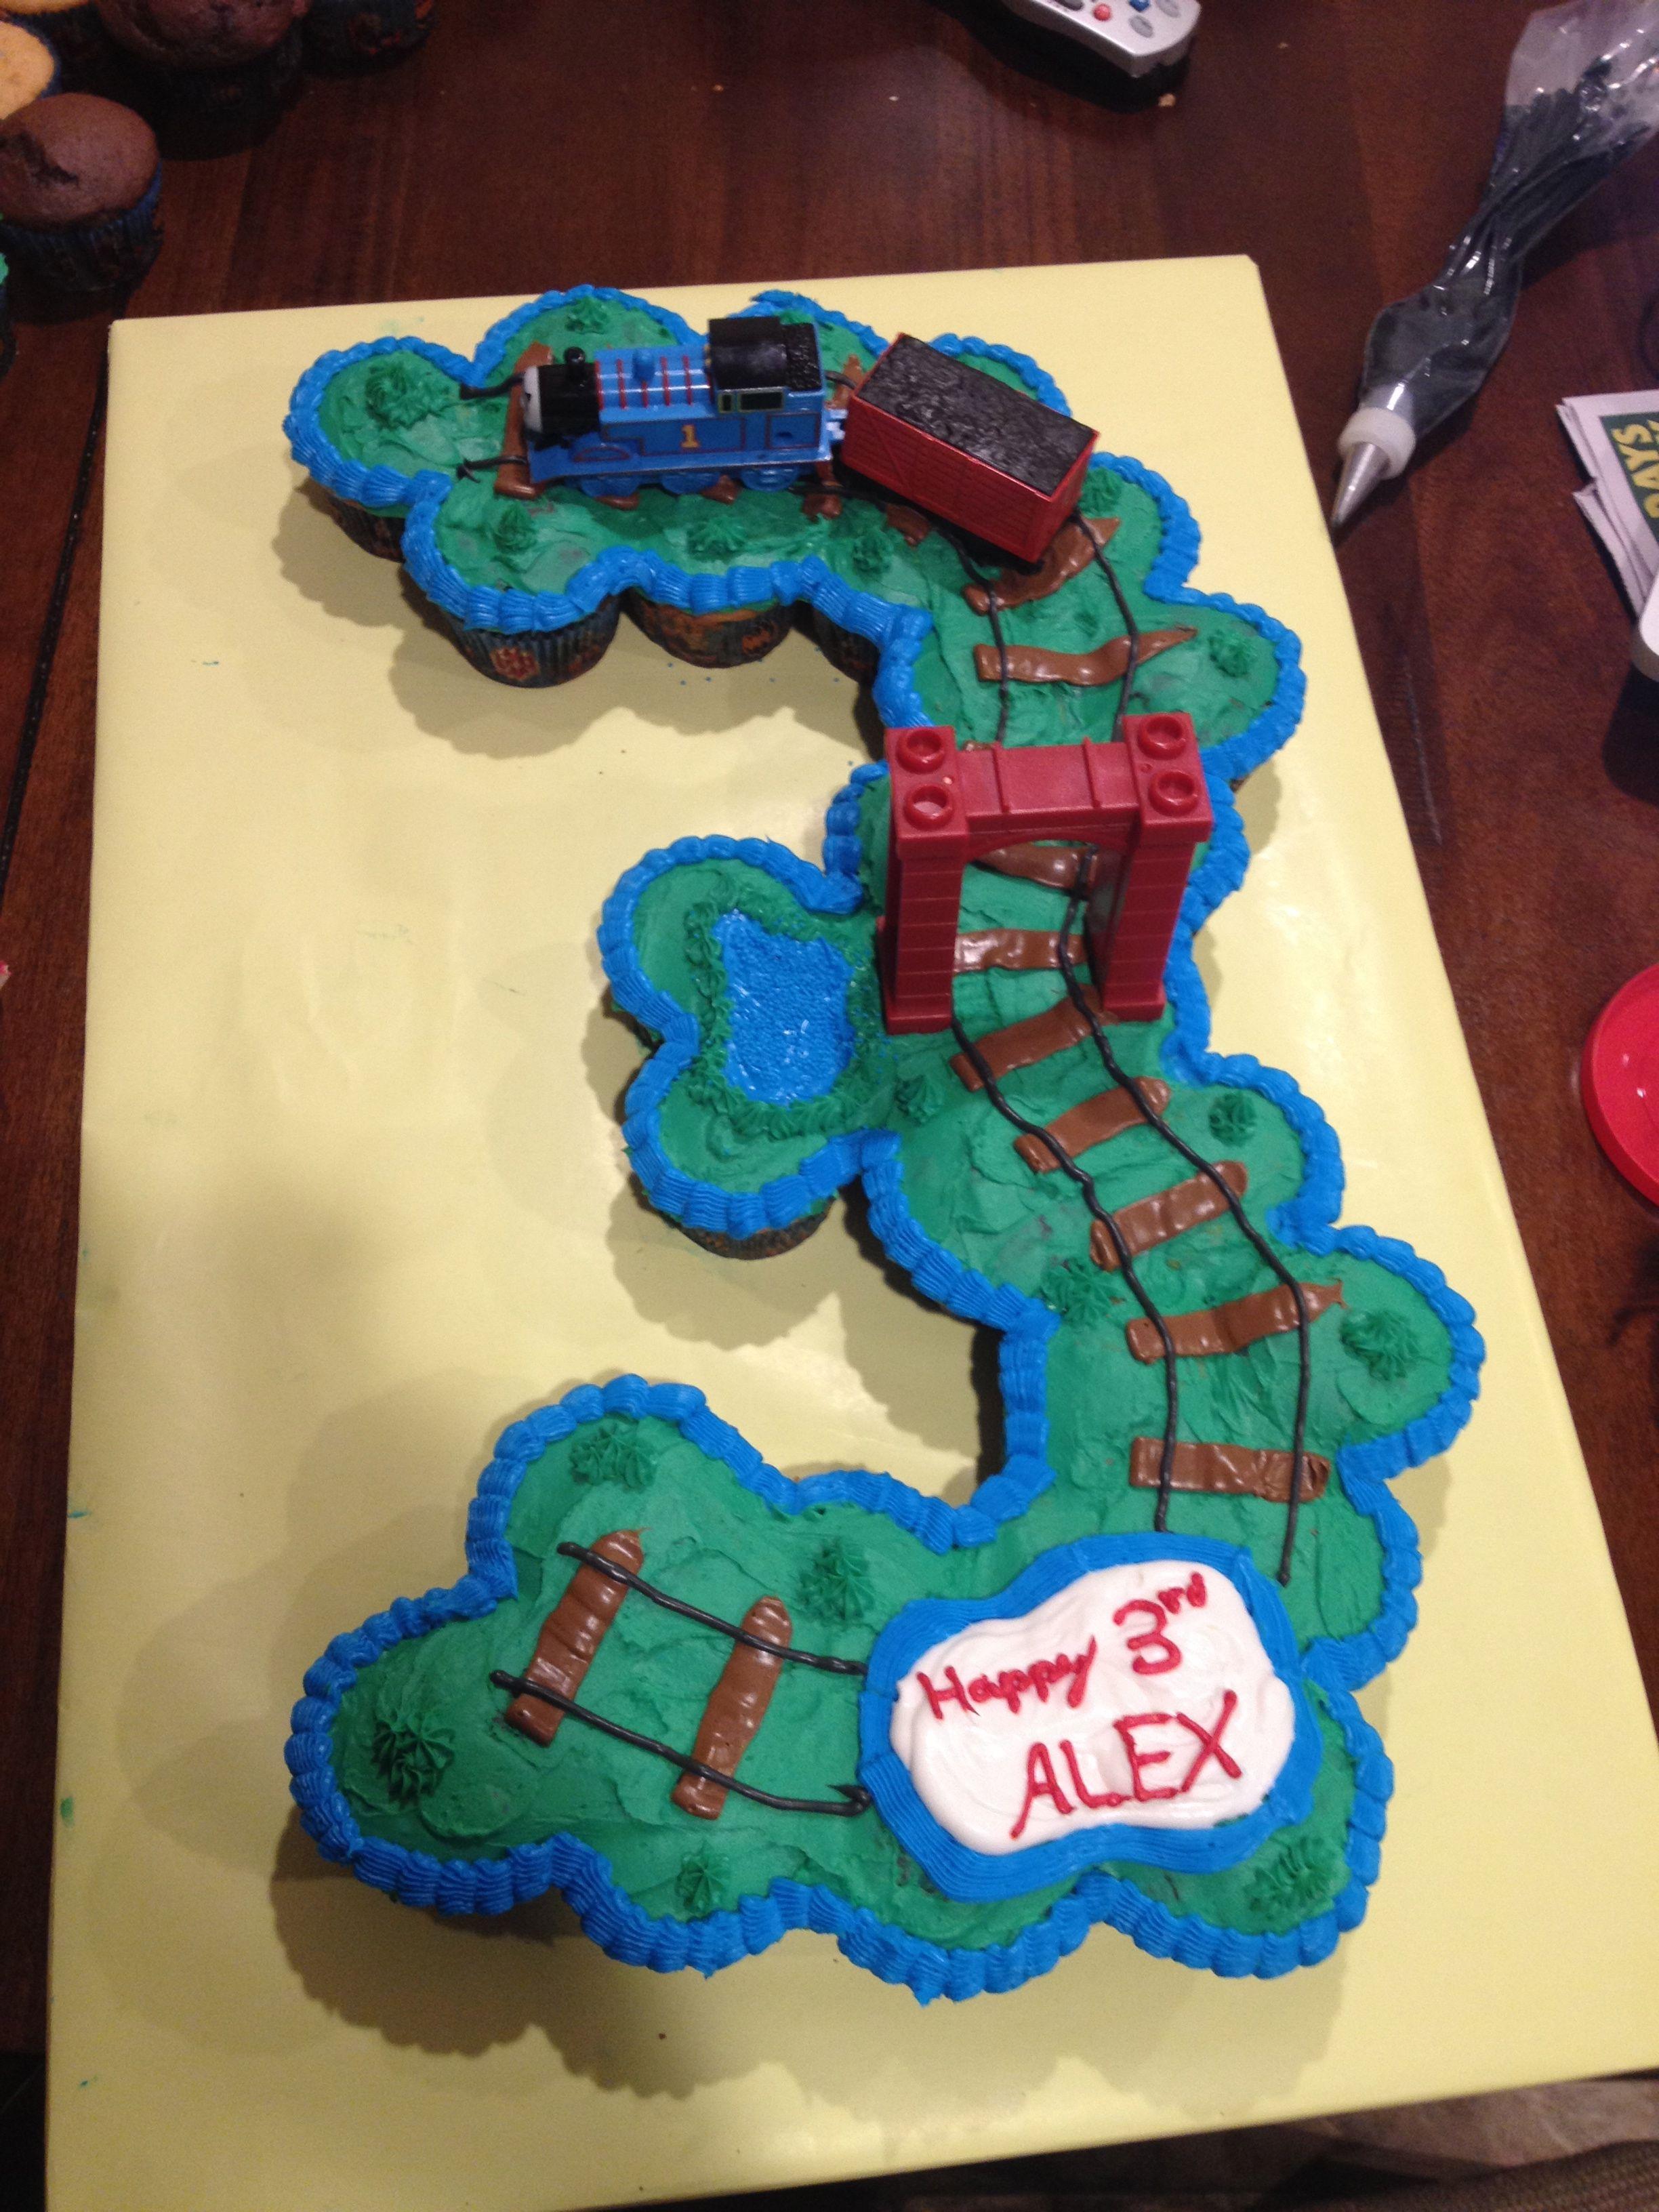 Thomas The Tank Engine 3 Cupcake Cake Fun Time Cakes